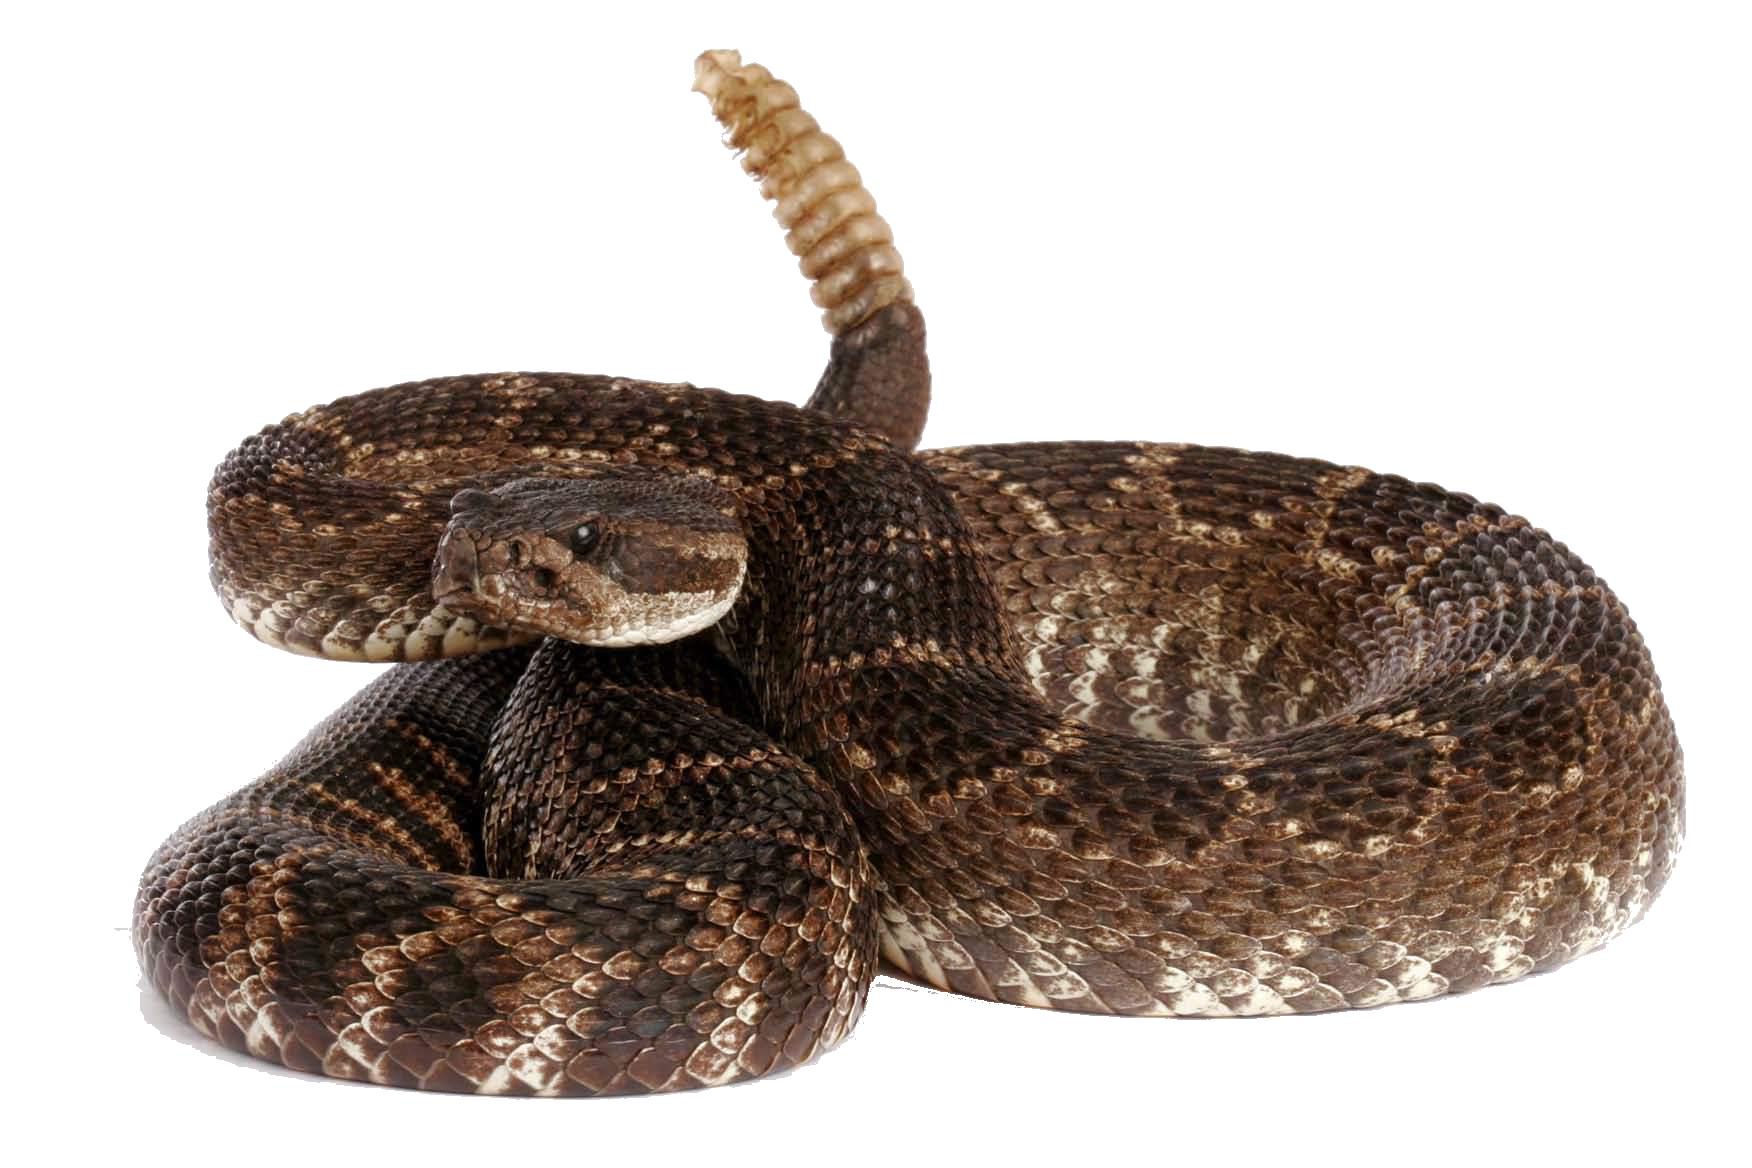 Rattlesnake PNG - 19708